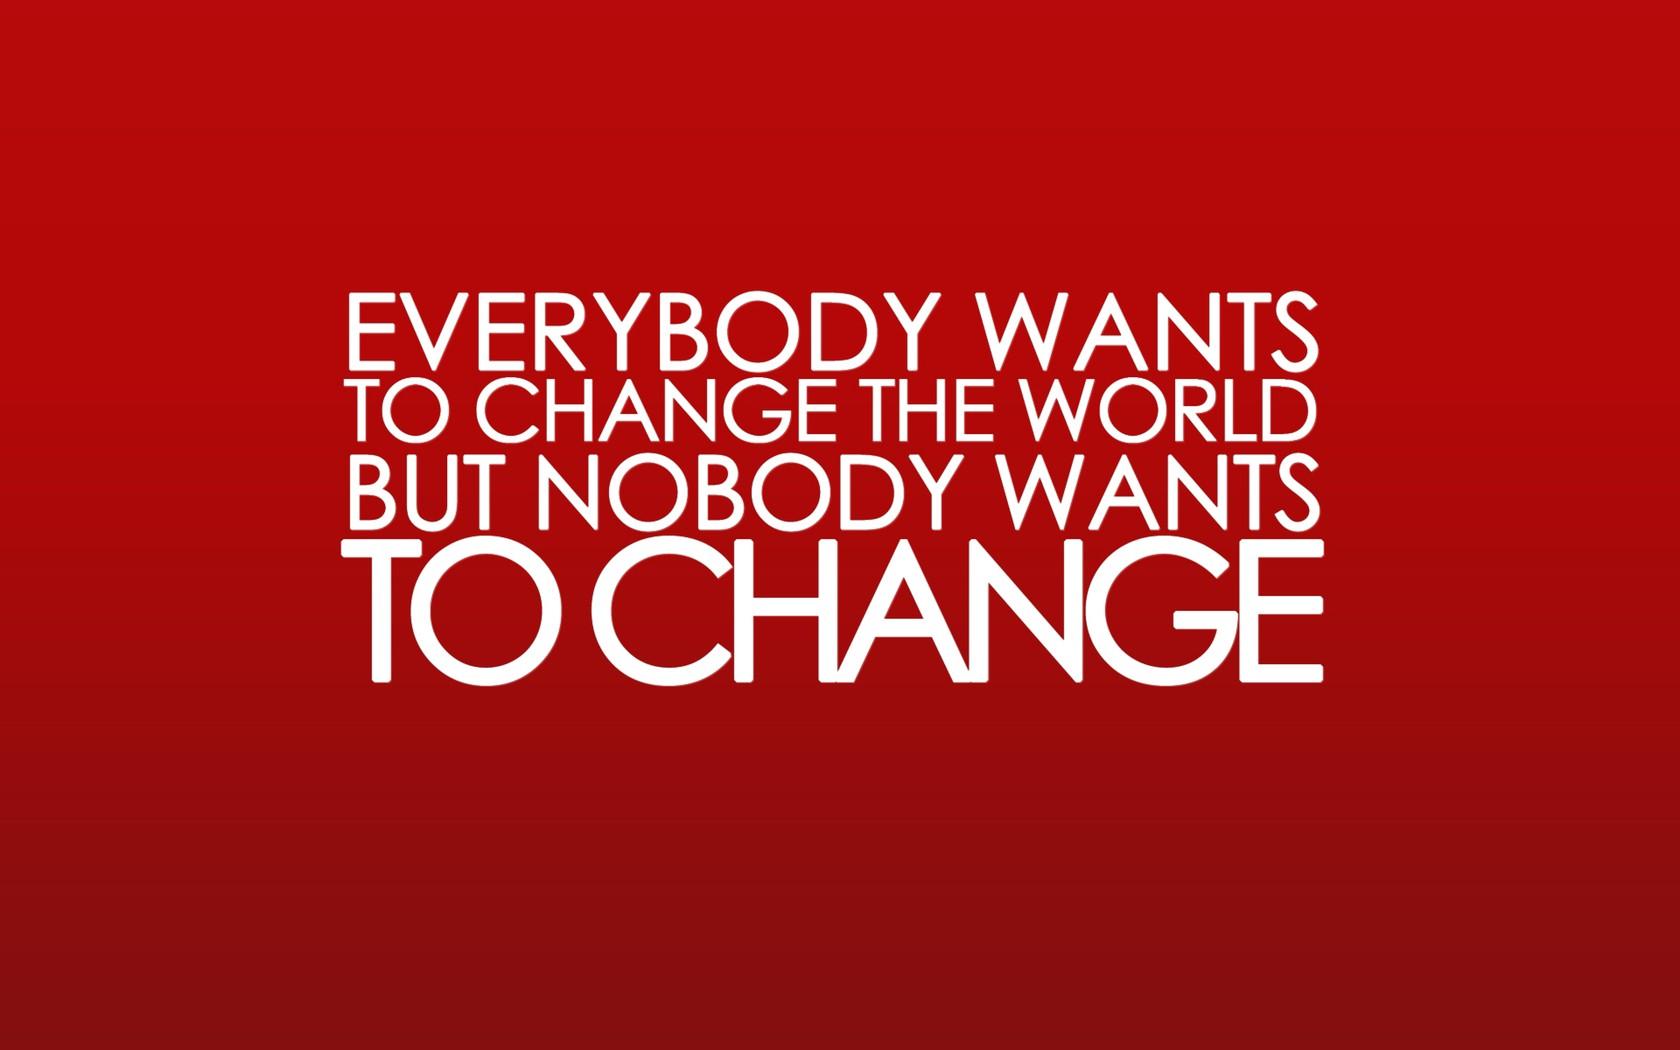 Mensaje sobre cambiar el mundo